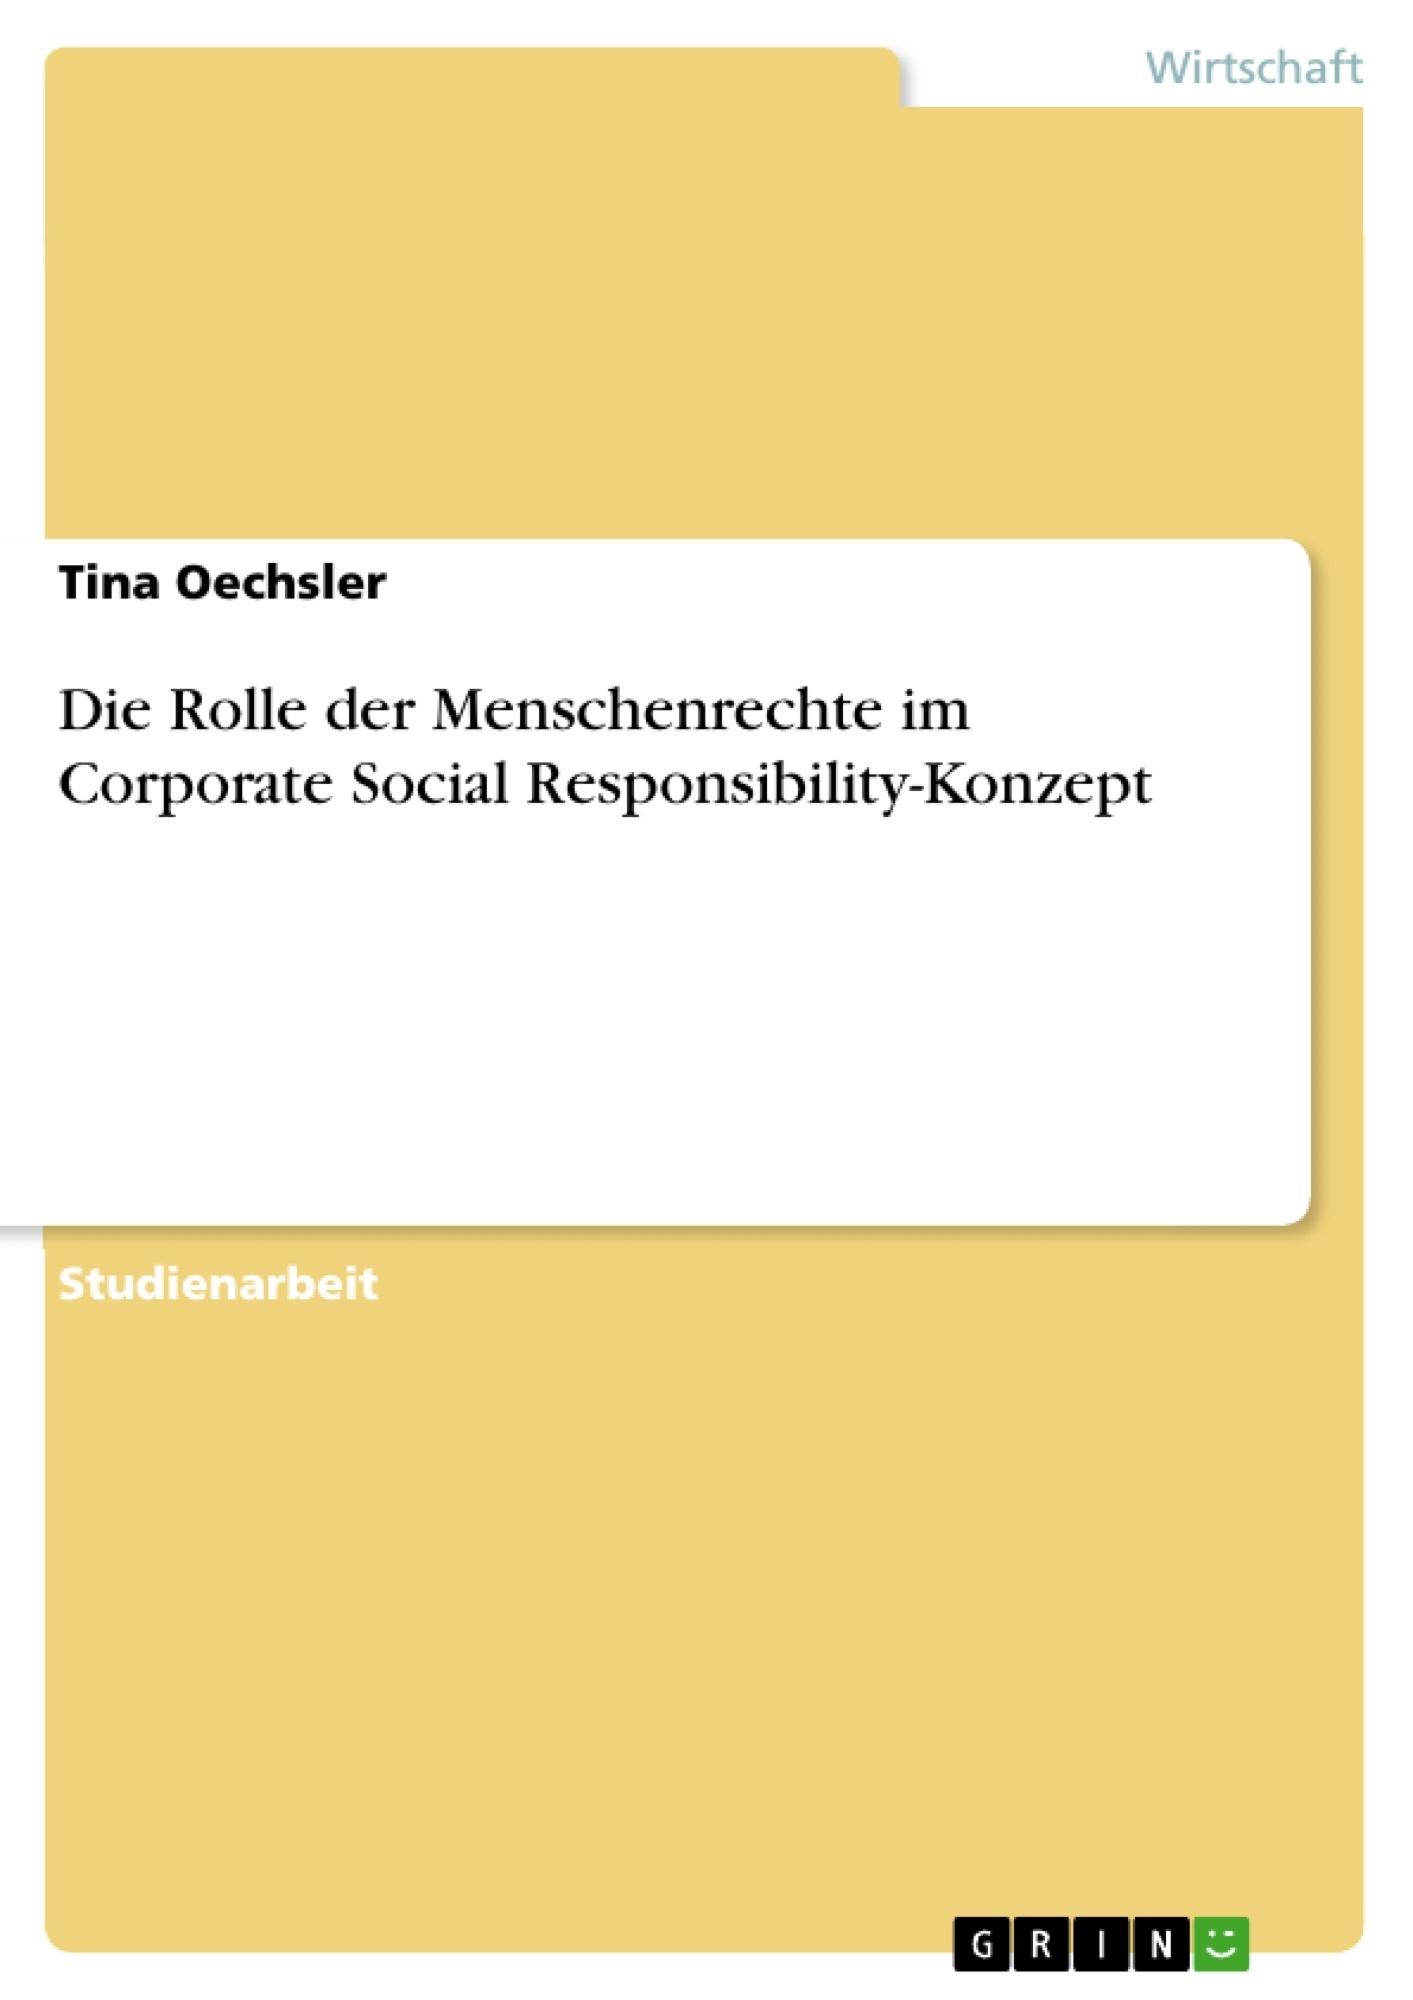 Titel: Die Rolle der Menschenrechte im Corporate Social Responsibility-Konzept